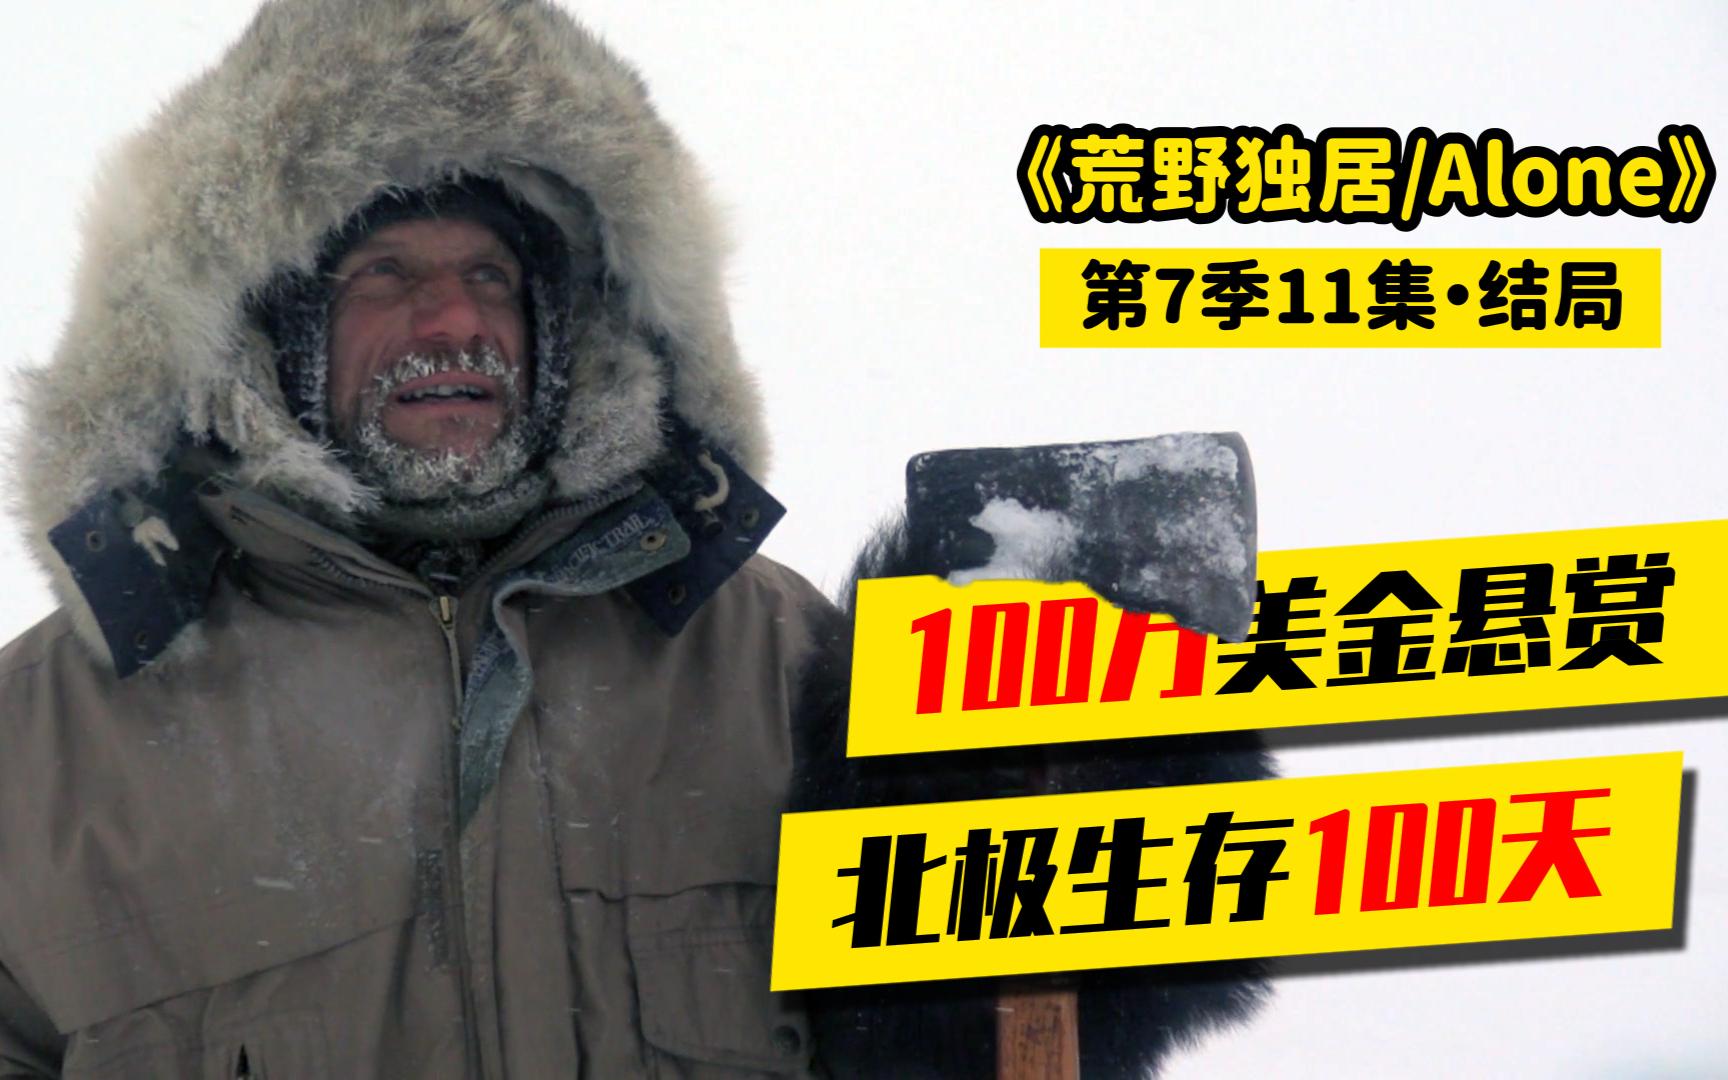 百万美金挑战北极生存百天大结局:真有大佬熬过100天独得百万!